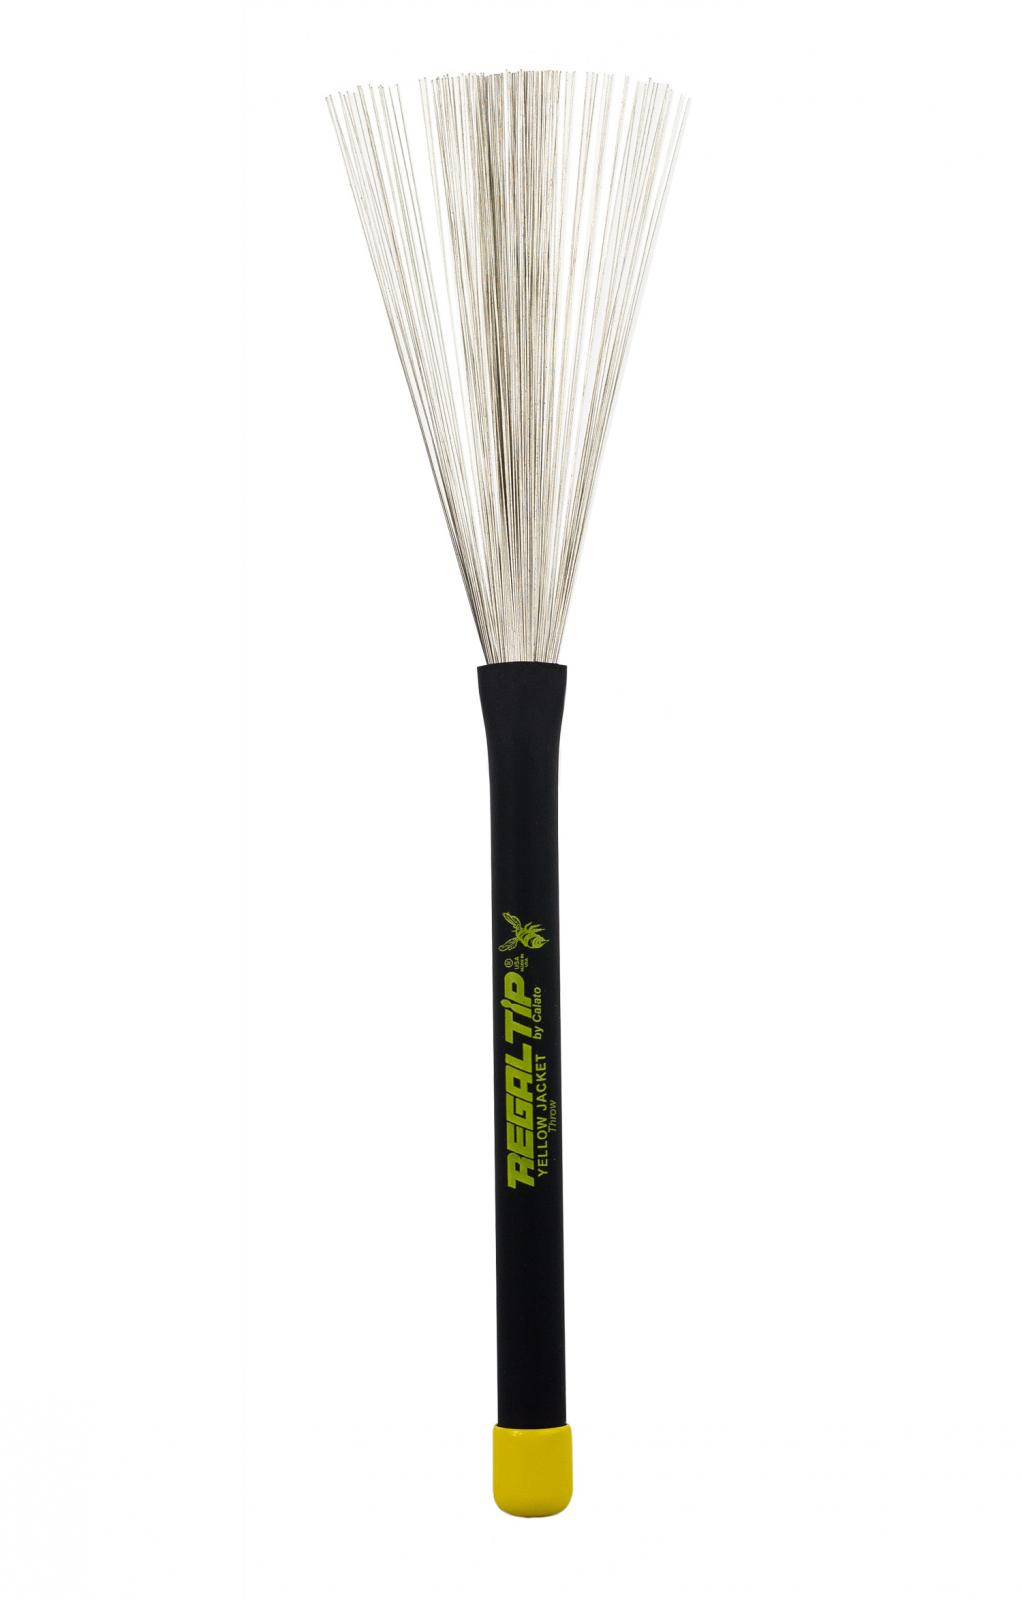 Regal Tip Classic 583R Retractable Brushes